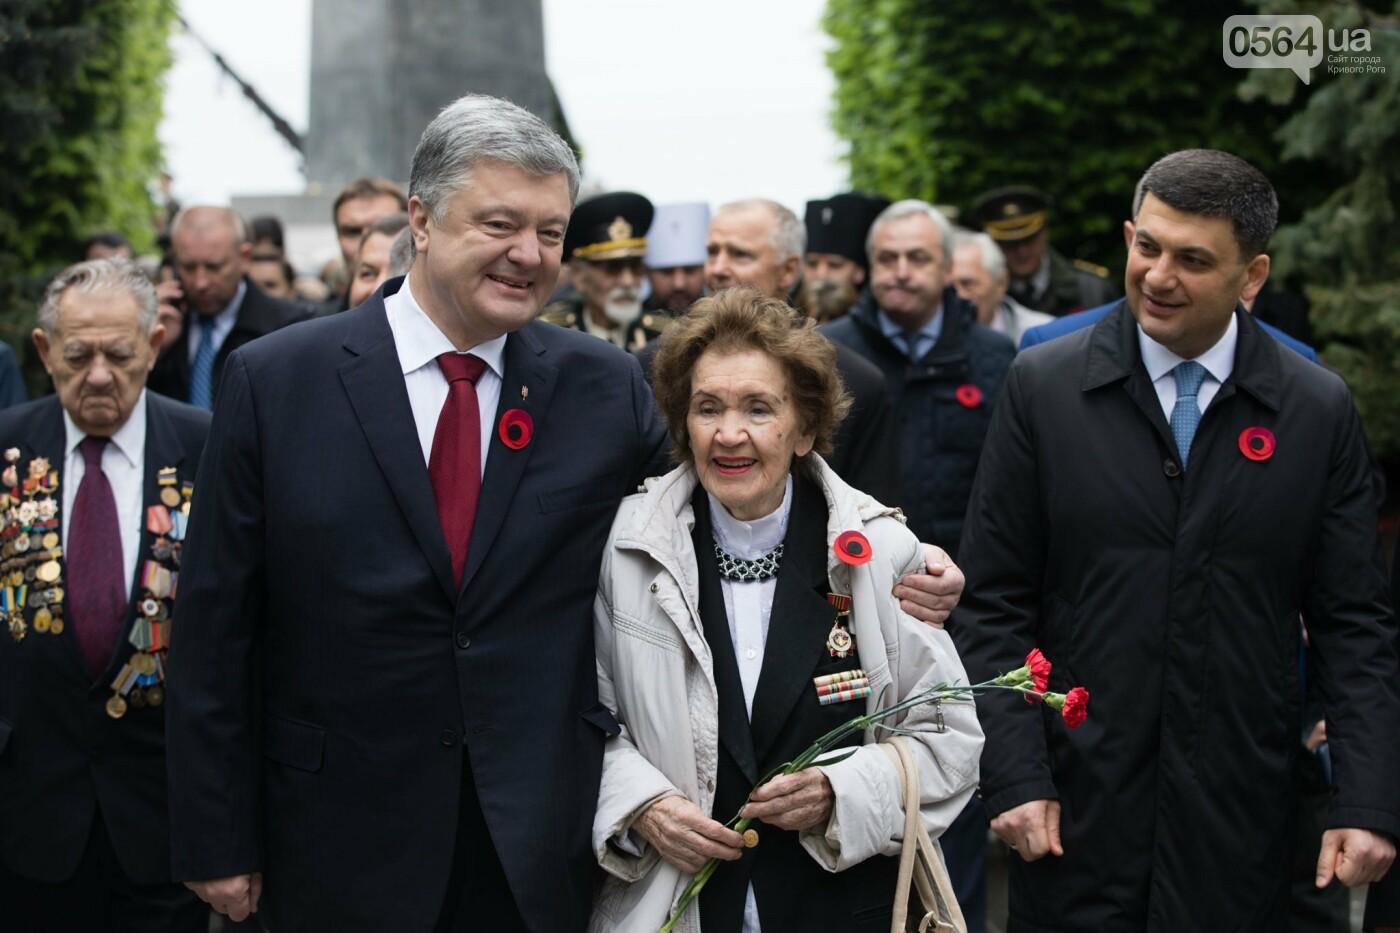 Порошенко: 5 лет потомки победителей нацизма защищают свободу и выбор украинского народа от российской агрессии, фото-7